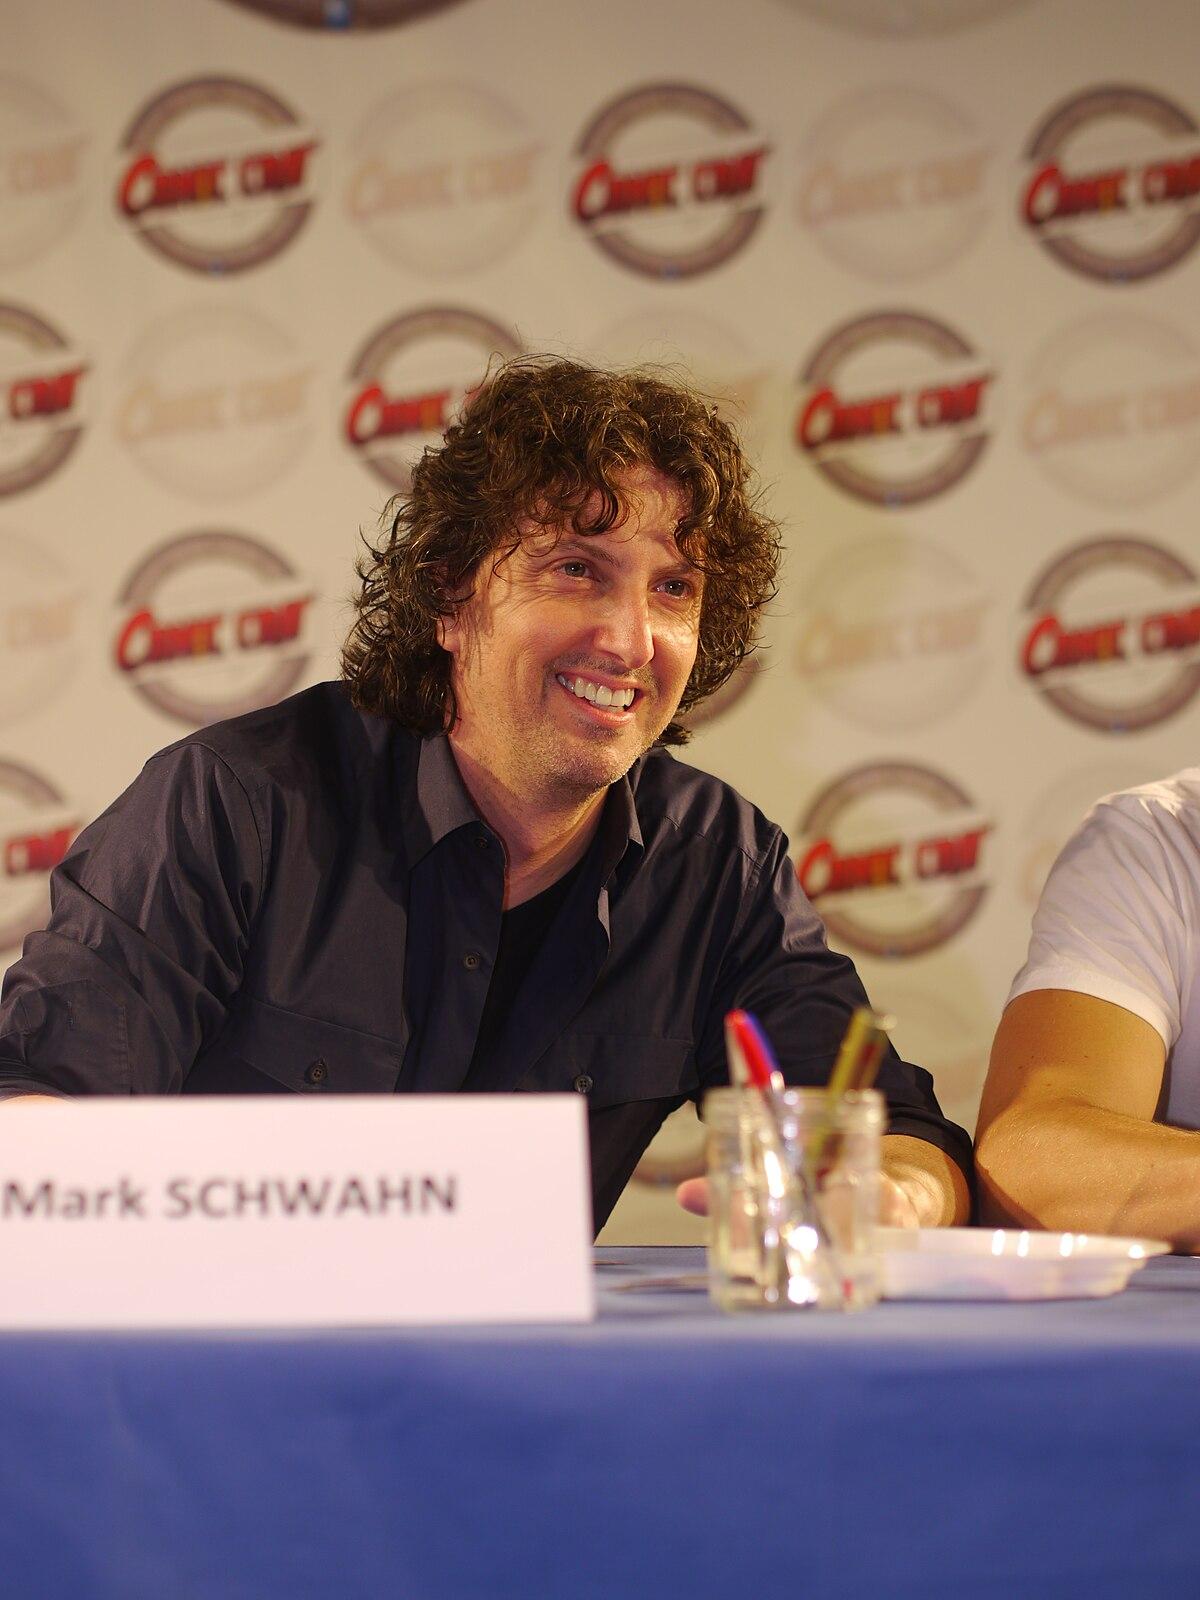 Mark Schwahn - Wikipedia